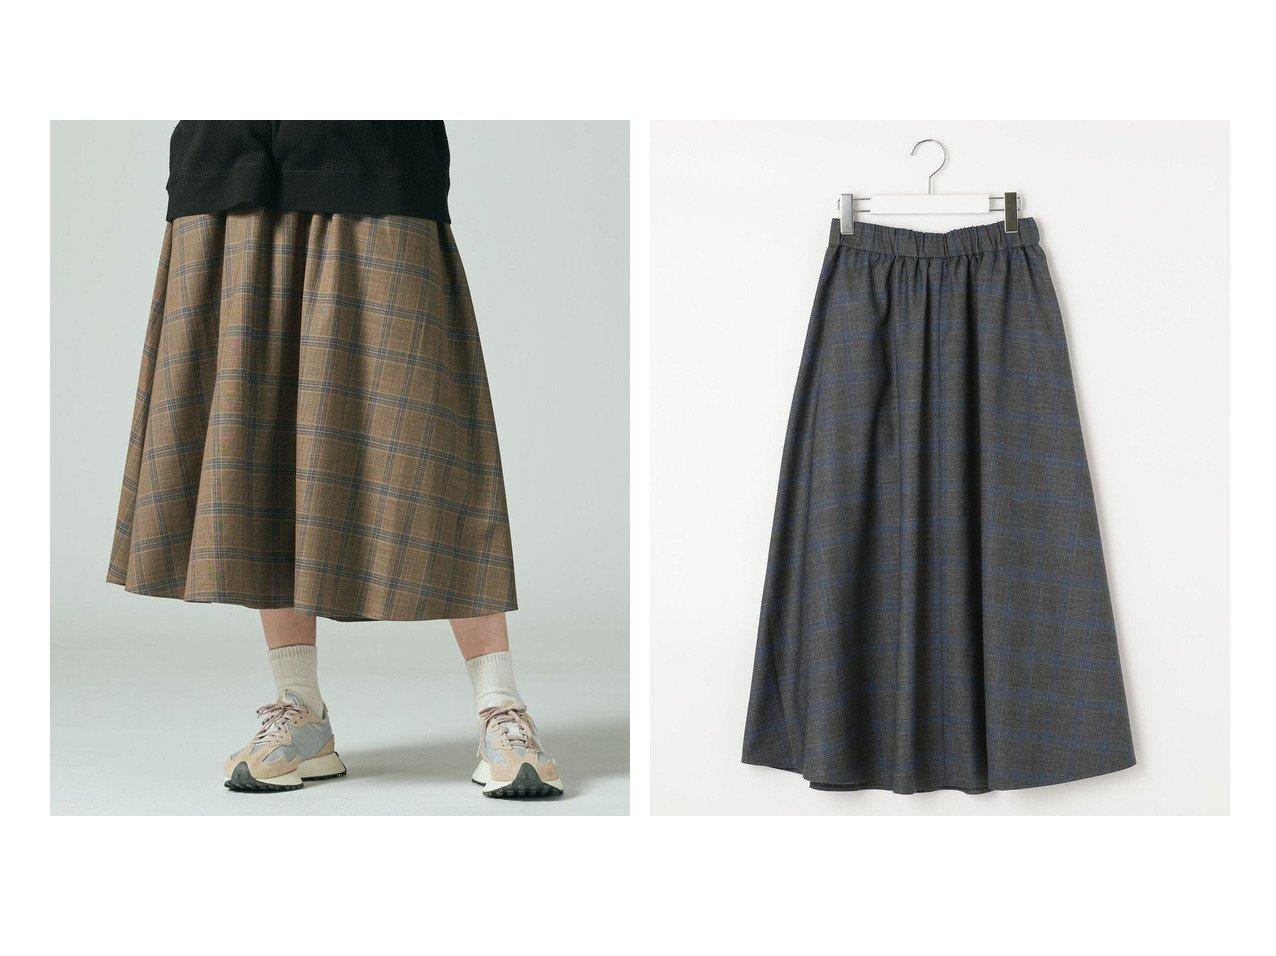 【J.PRESS YORK STREET/ジェイプレスヨークストリート】の【WOMEN】チェックギャザースカート 【スカート】おすすめ!人気、トレンド・レディースファッションの通販 おすすめで人気の流行・トレンド、ファッションの通販商品 インテリア・家具・メンズファッション・キッズファッション・レディースファッション・服の通販 founy(ファニー) https://founy.com/ ファッション Fashion レディースファッション WOMEN スカート Skirt 送料無料 Free Shipping おすすめ Recommend チェック フレア ポケット 定番 Standard  ID:crp329100000074903